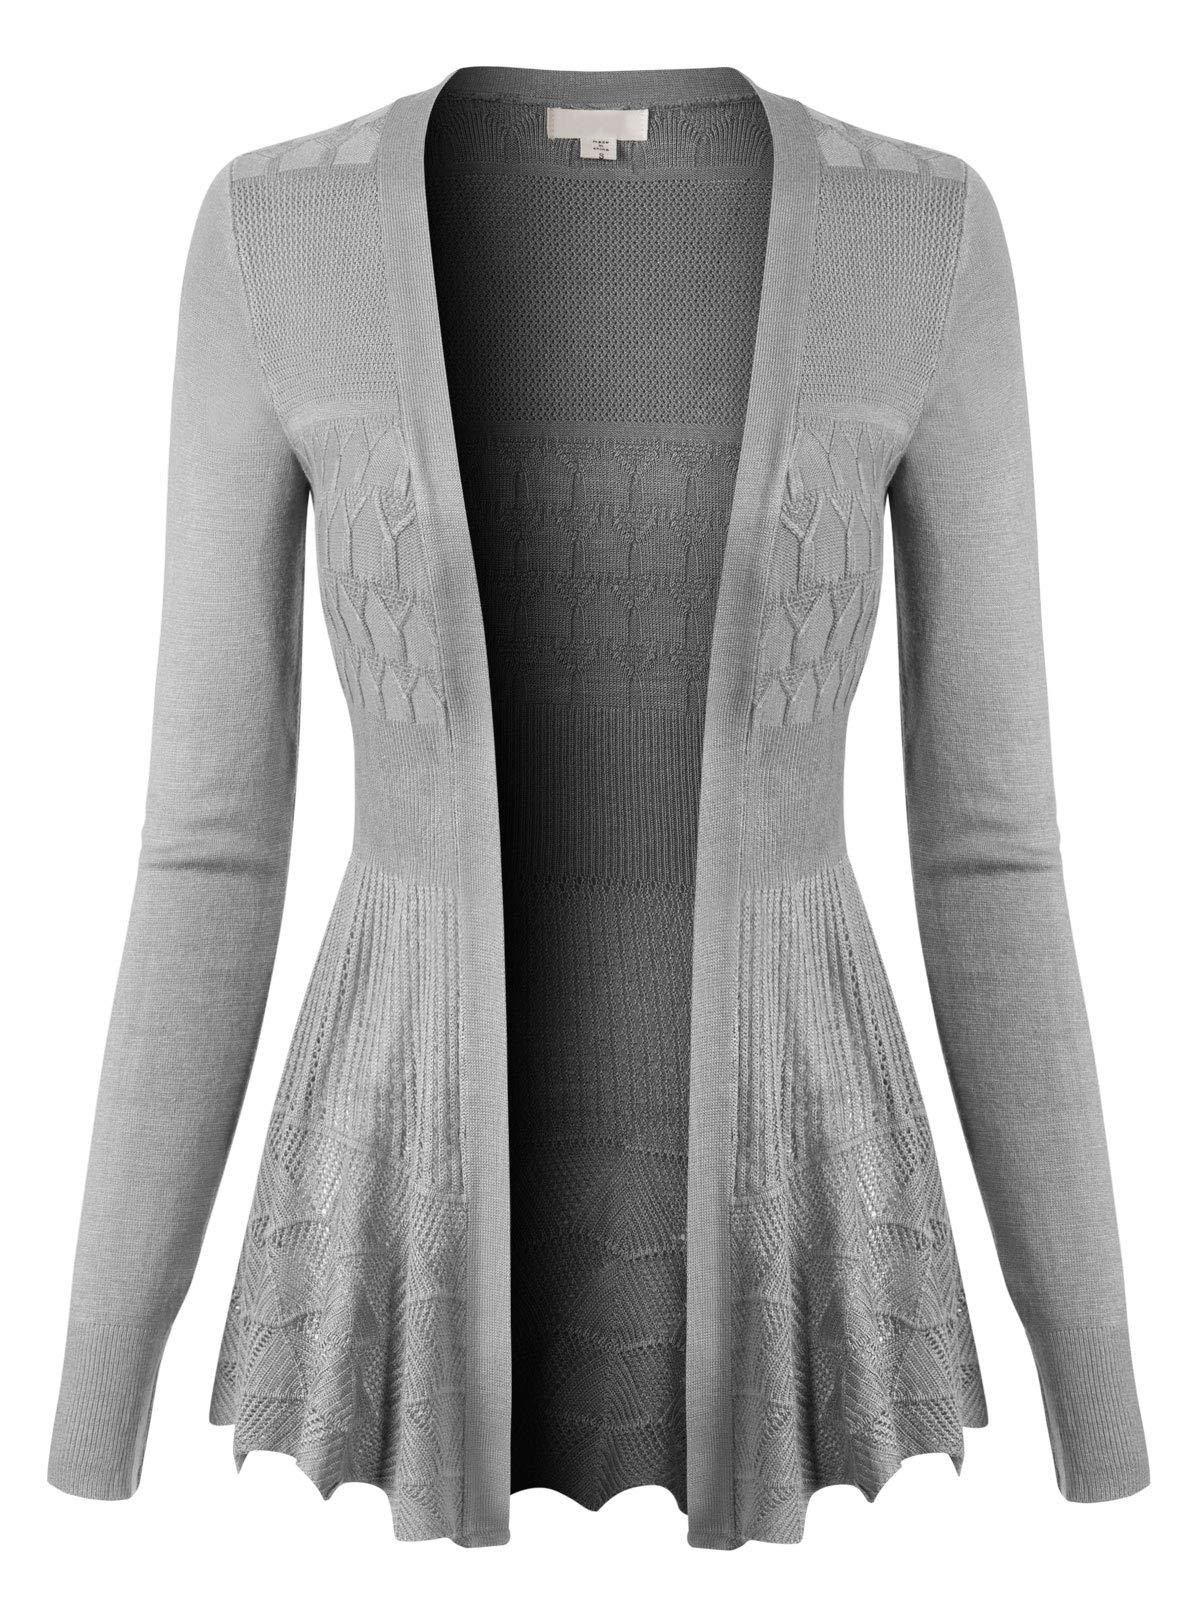 Design by Olivia Women's Long Sleeve Crochet Knit Draped Open Sweater Cardigan